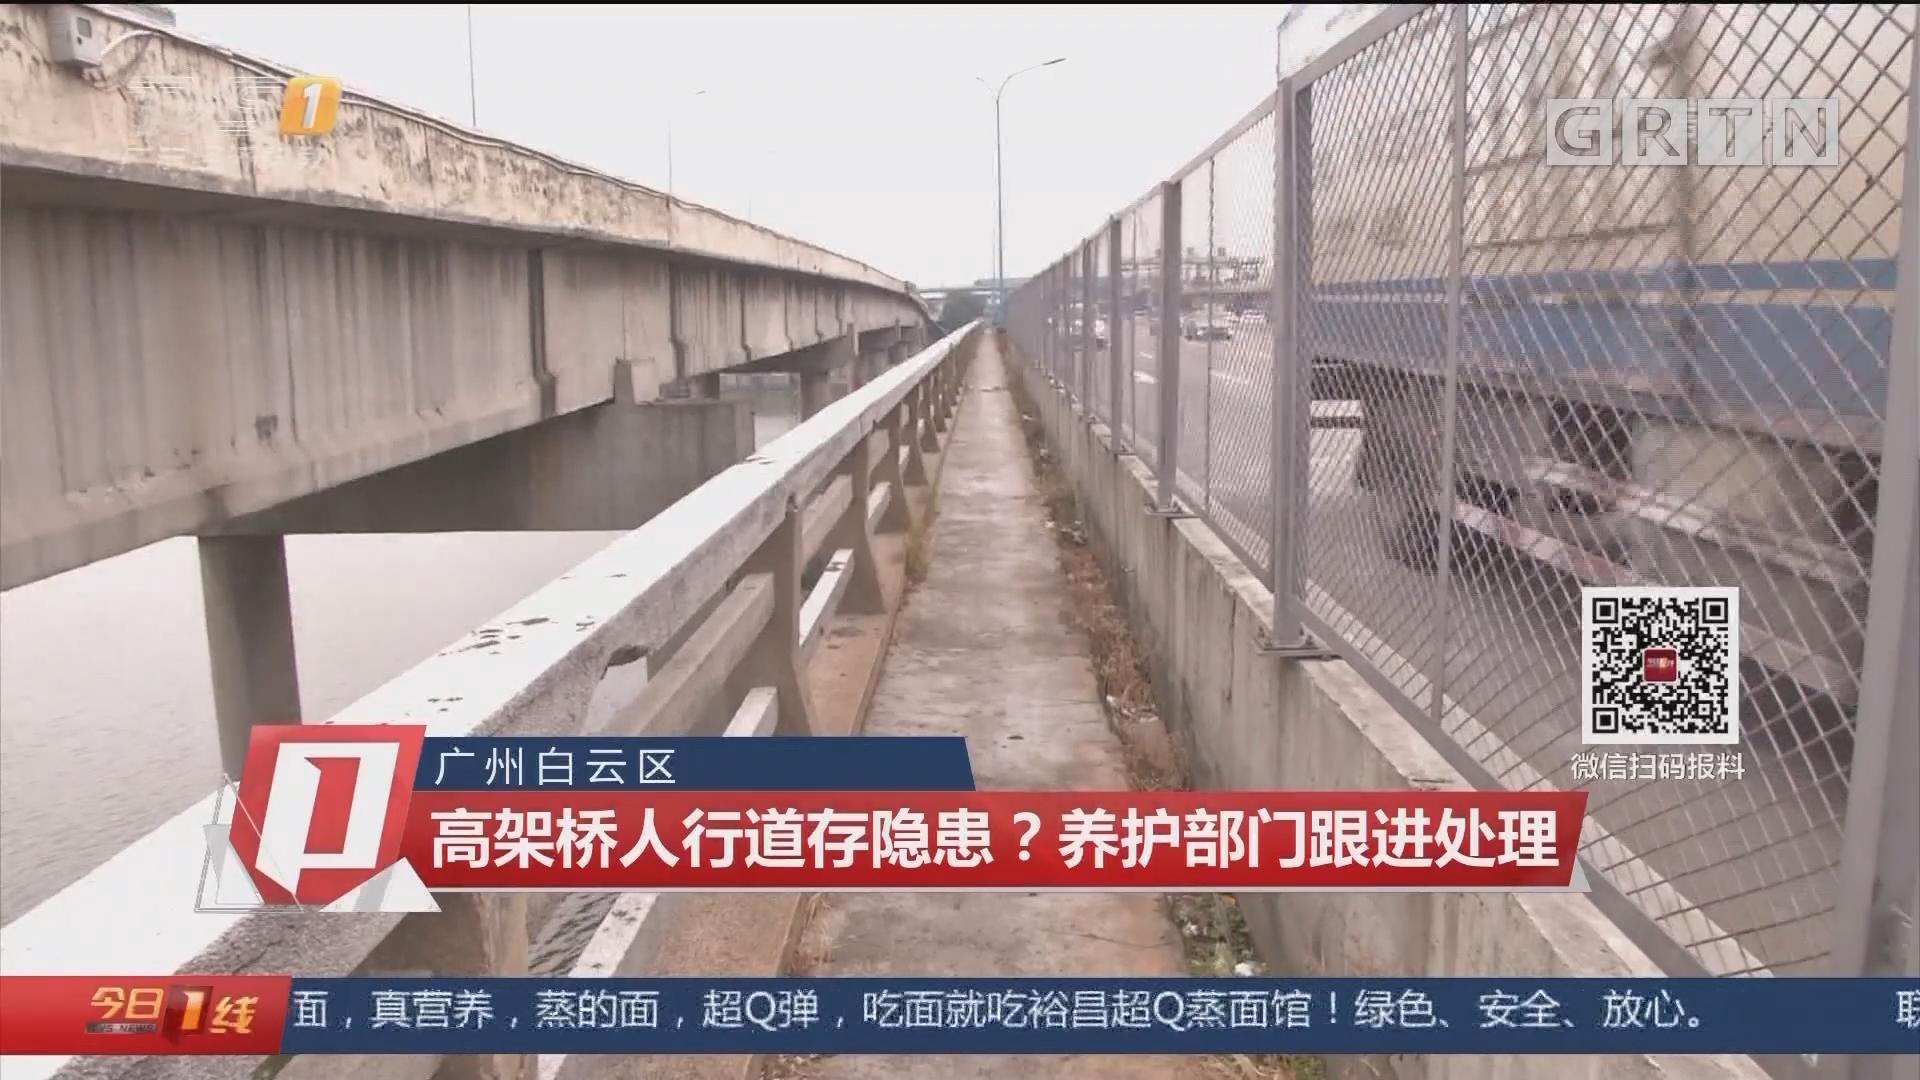 广州白云区:高架桥人行道存隐患?养护部门跟进处理